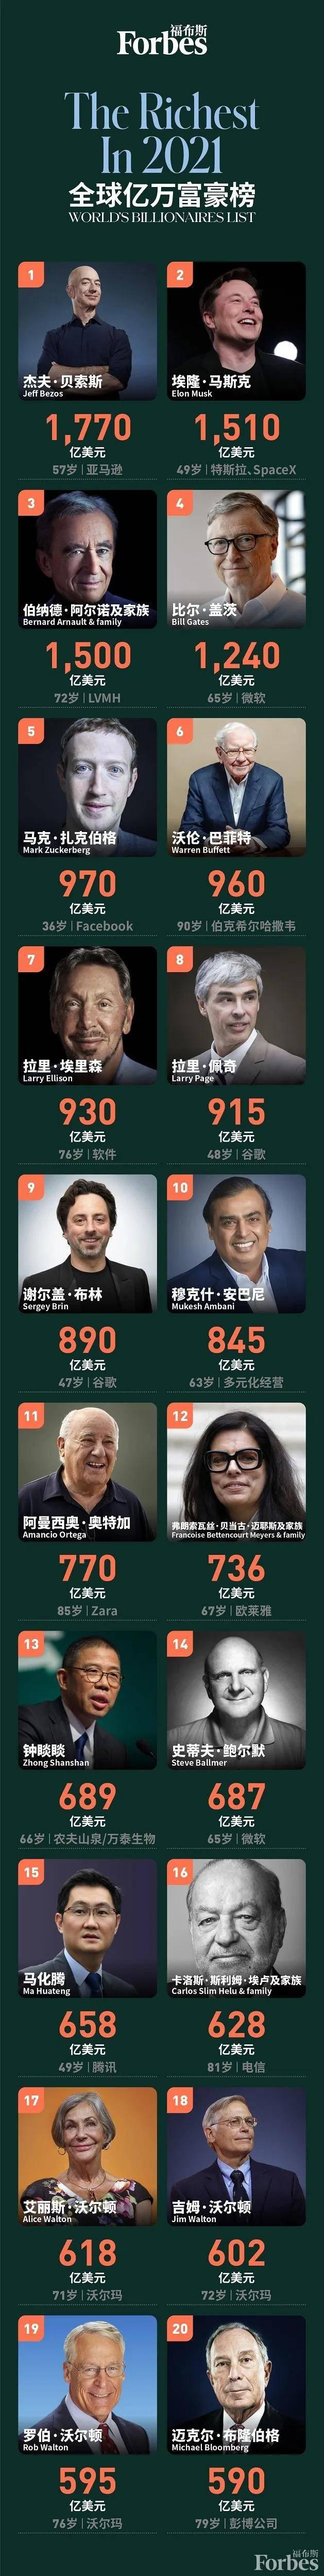 《福布斯》发布2021全球亿万富豪榜,上榜人数破历史记录